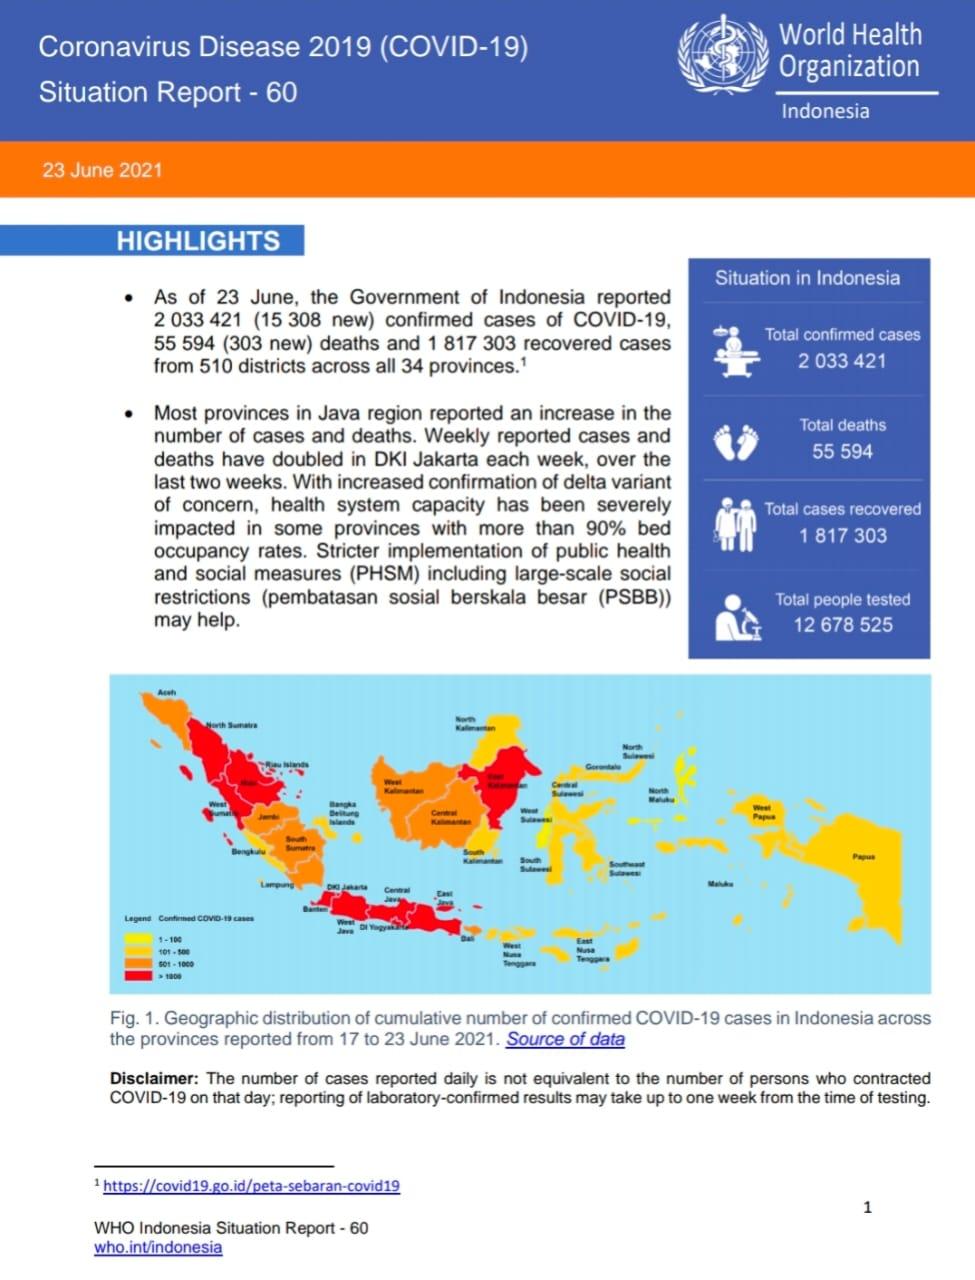 INDONESIA DIANGGAP WHO NEGARA TERTINGGI TERPAPAR COVID-19 1